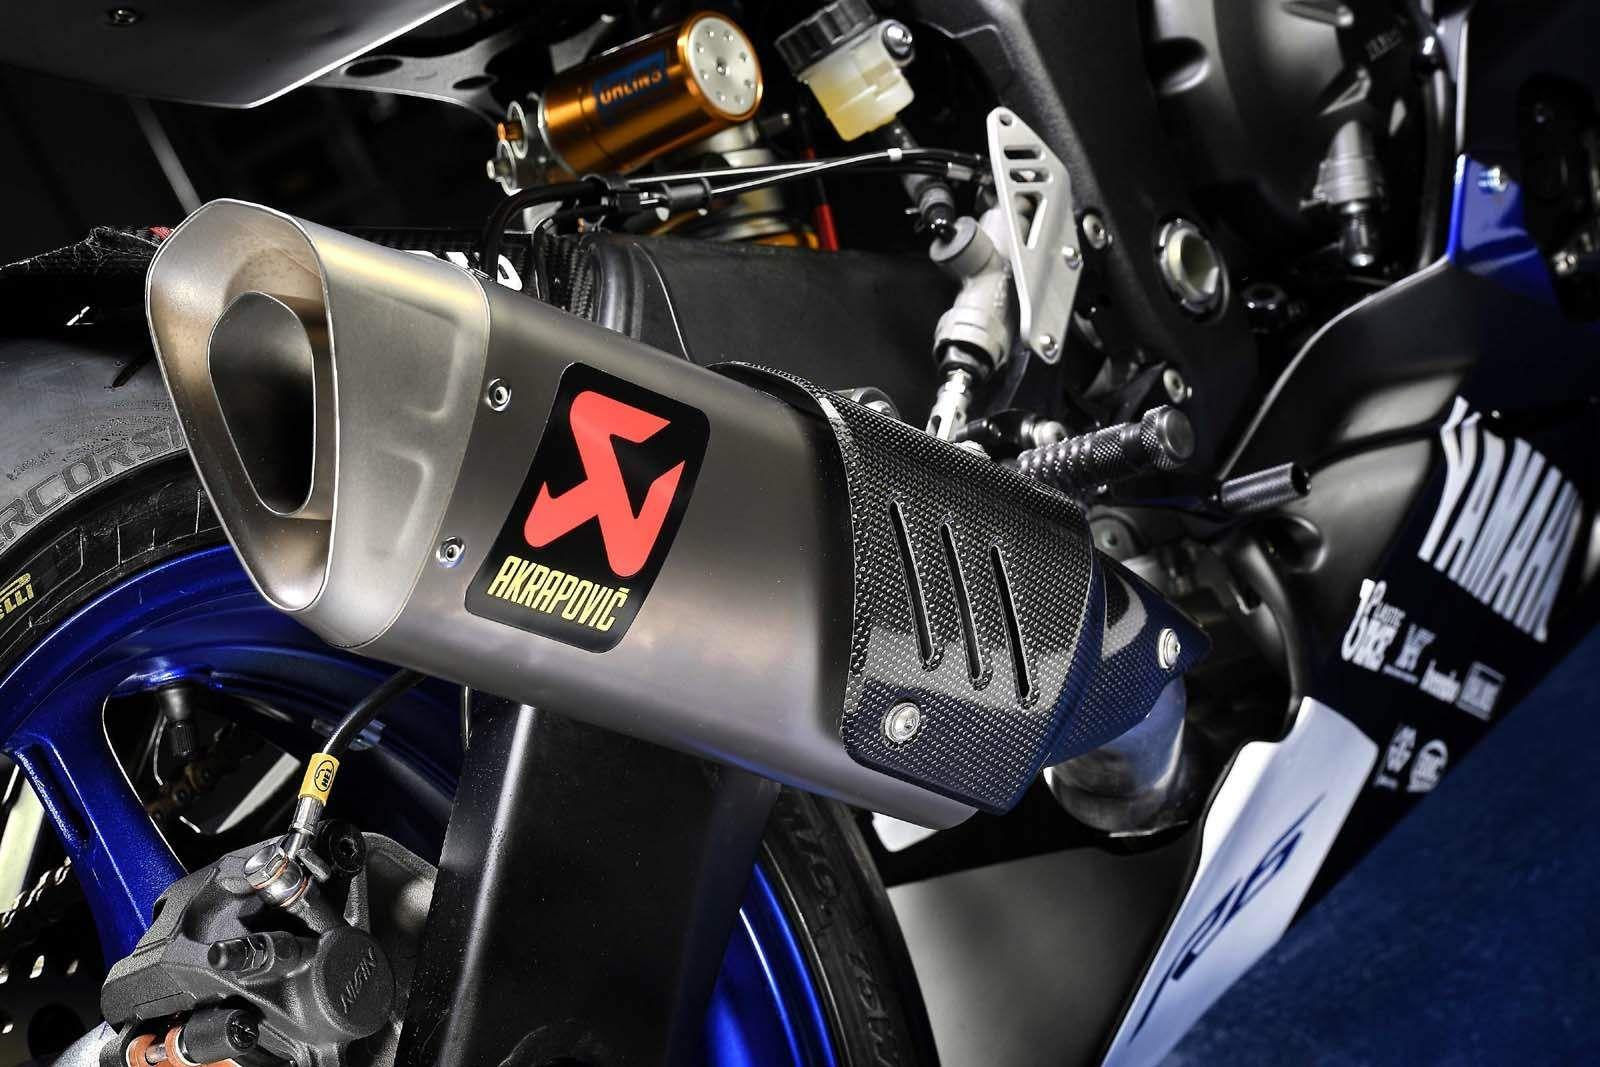 Yamaha yzf r125 usata moto usate 2016 car release date - Yamaha Yzf R6 Wss 2017